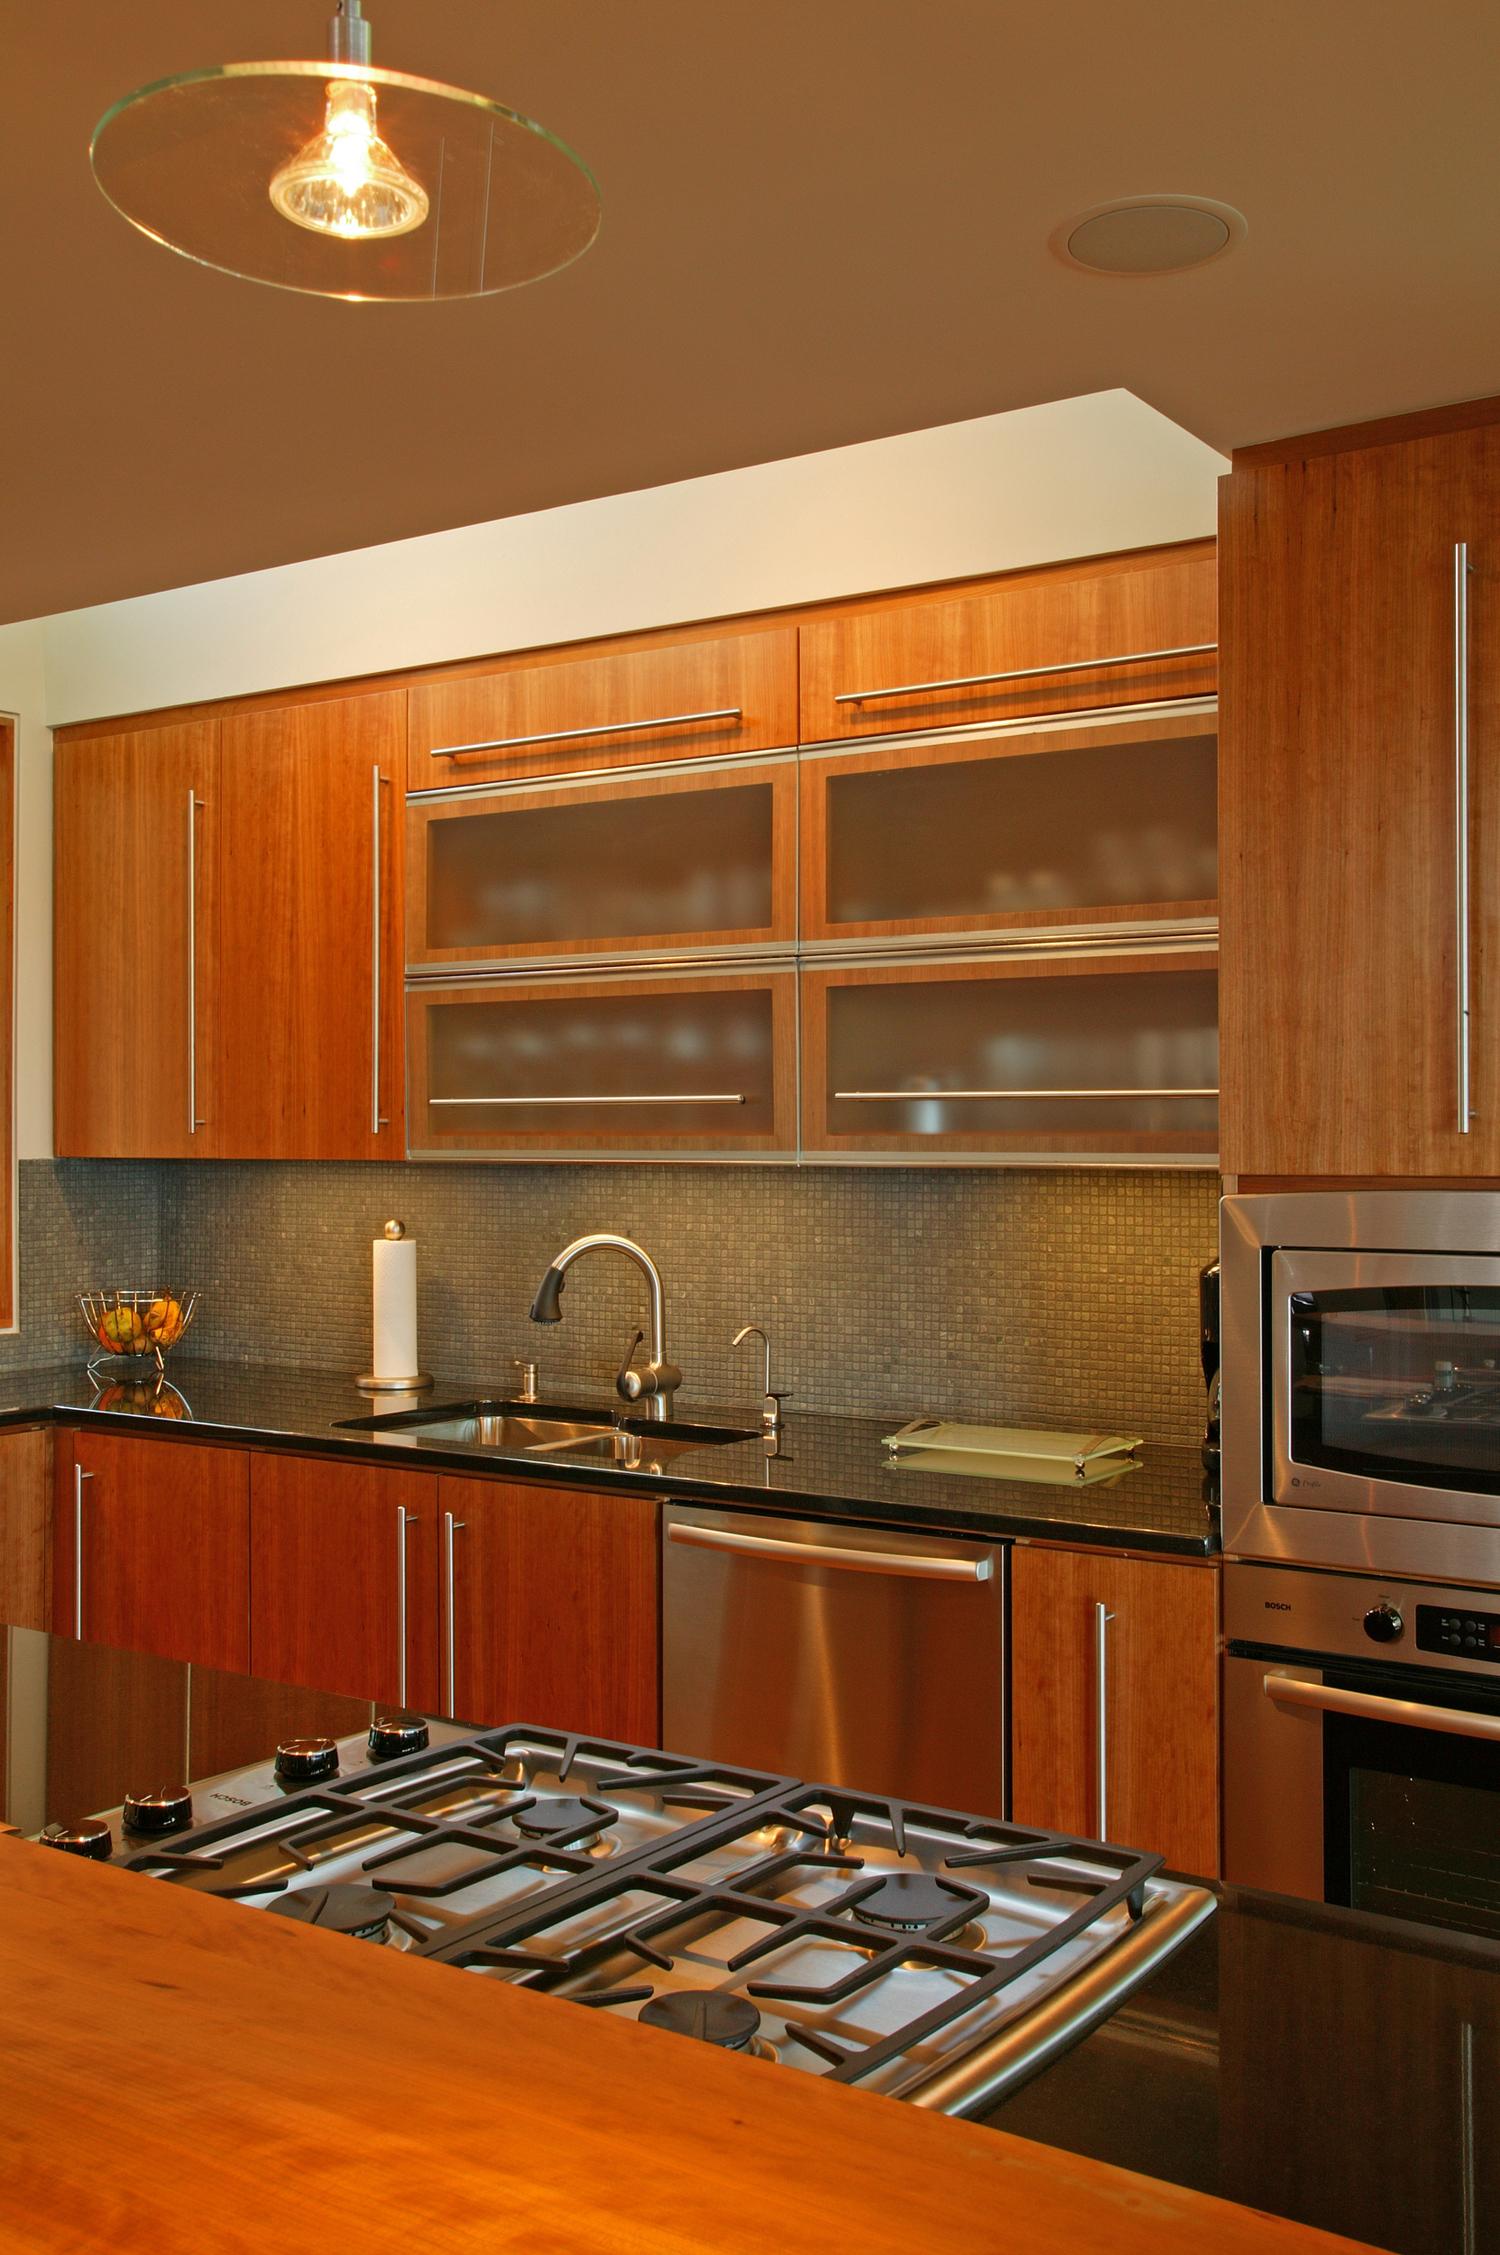 13_kitchen_4.jpg